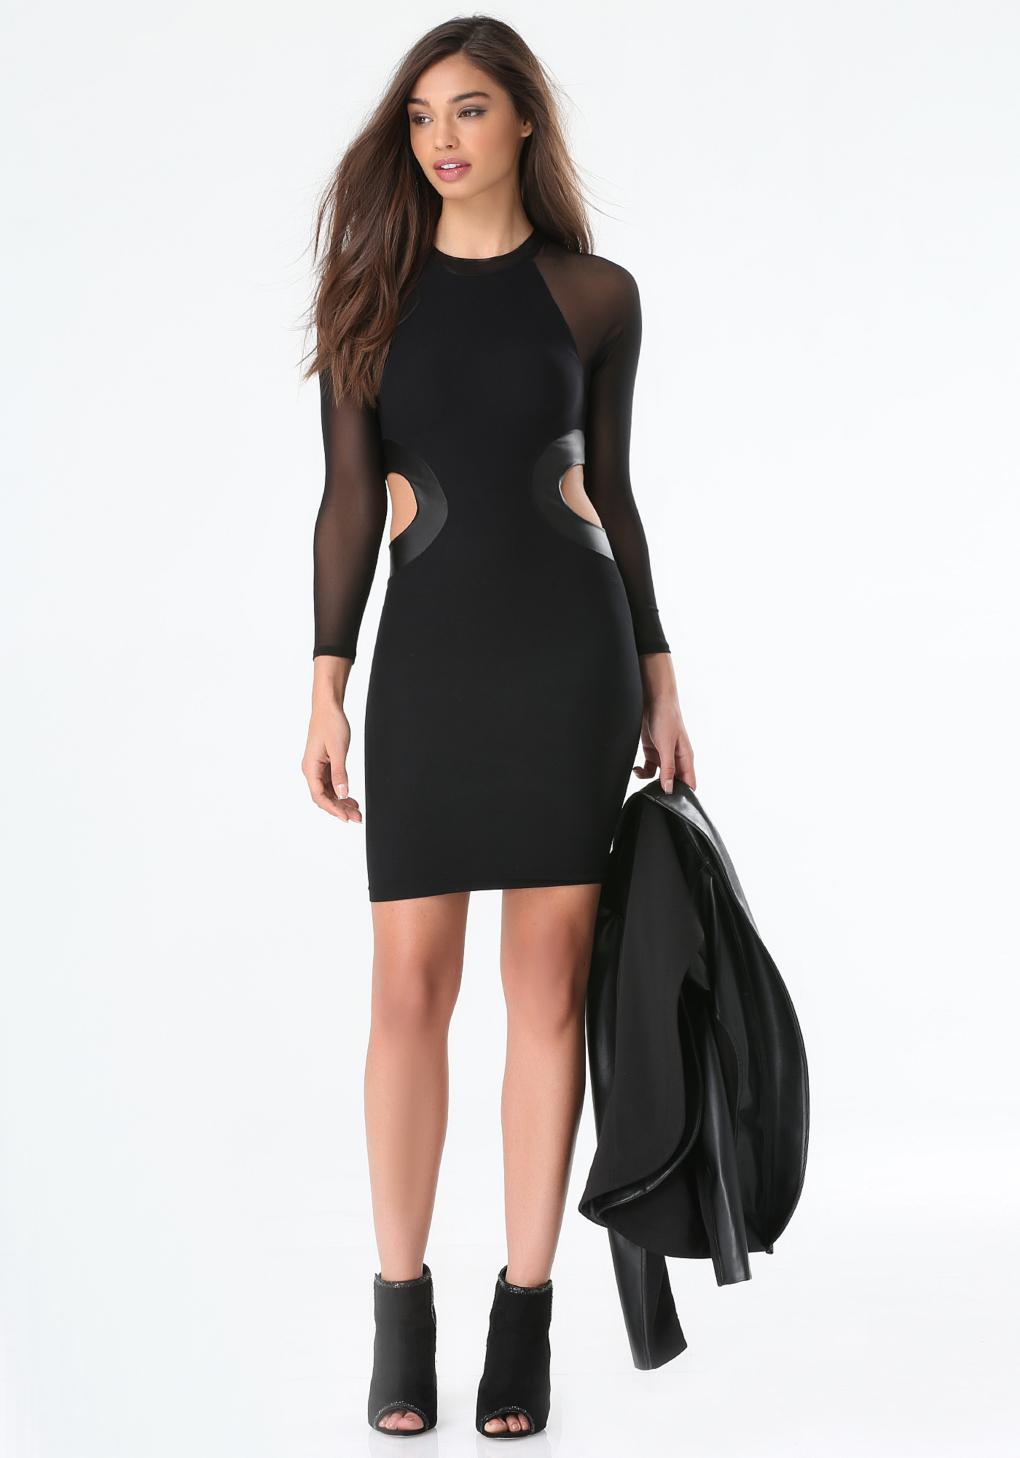 Lyst Bebe Side Cutout Bodycon Dress In Black